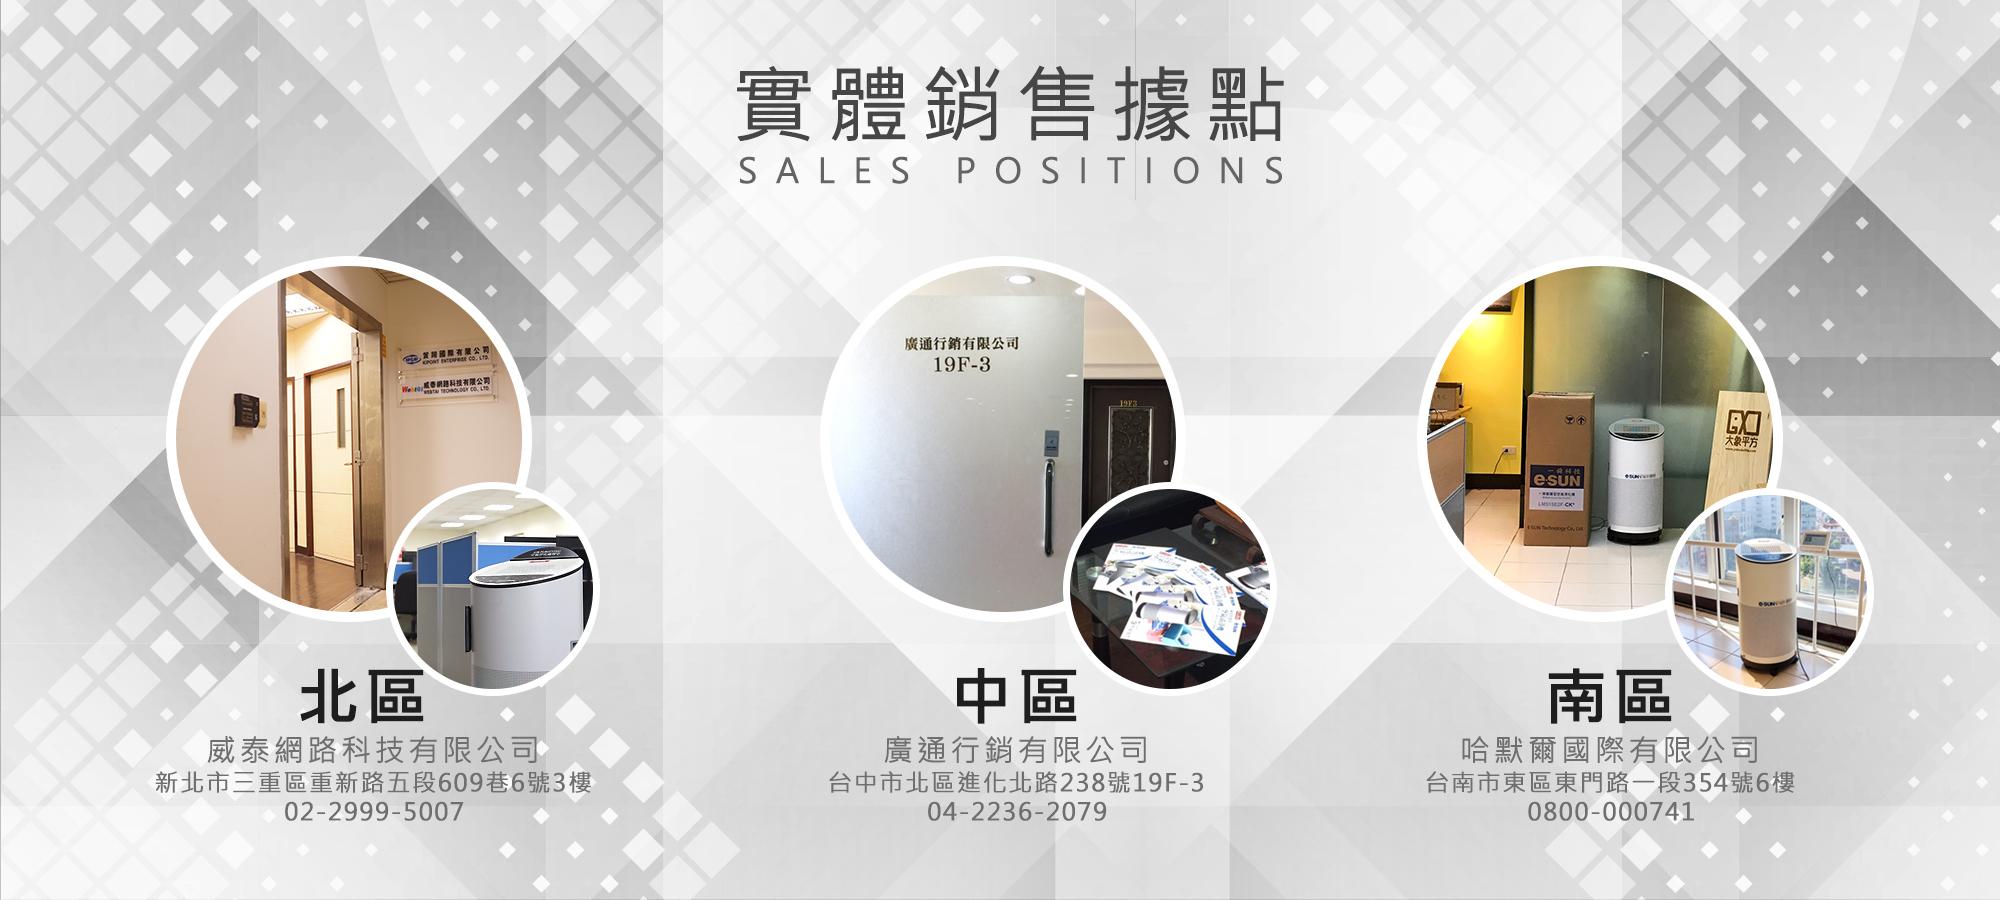 實體據點,sales positions,空氣清淨機,一舜,威品嚴選